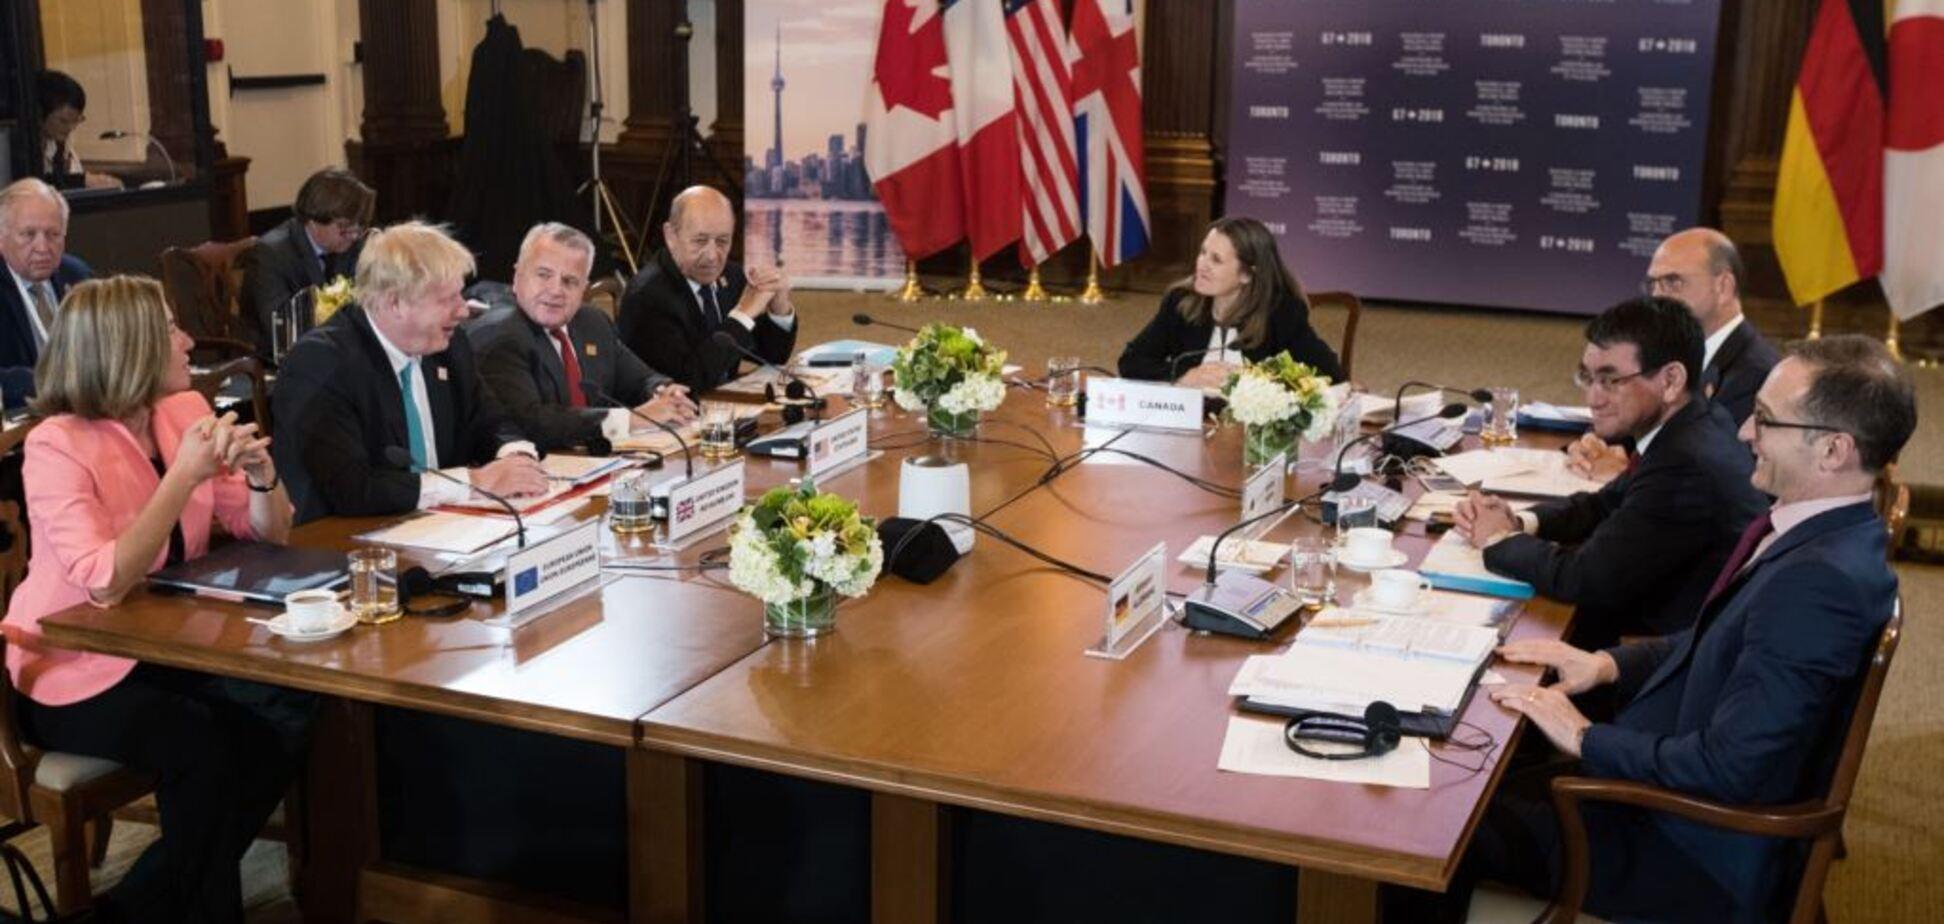 Зустріч глав МЗС країн «Великої сімки». Торонто, 22 квітня 2018 року